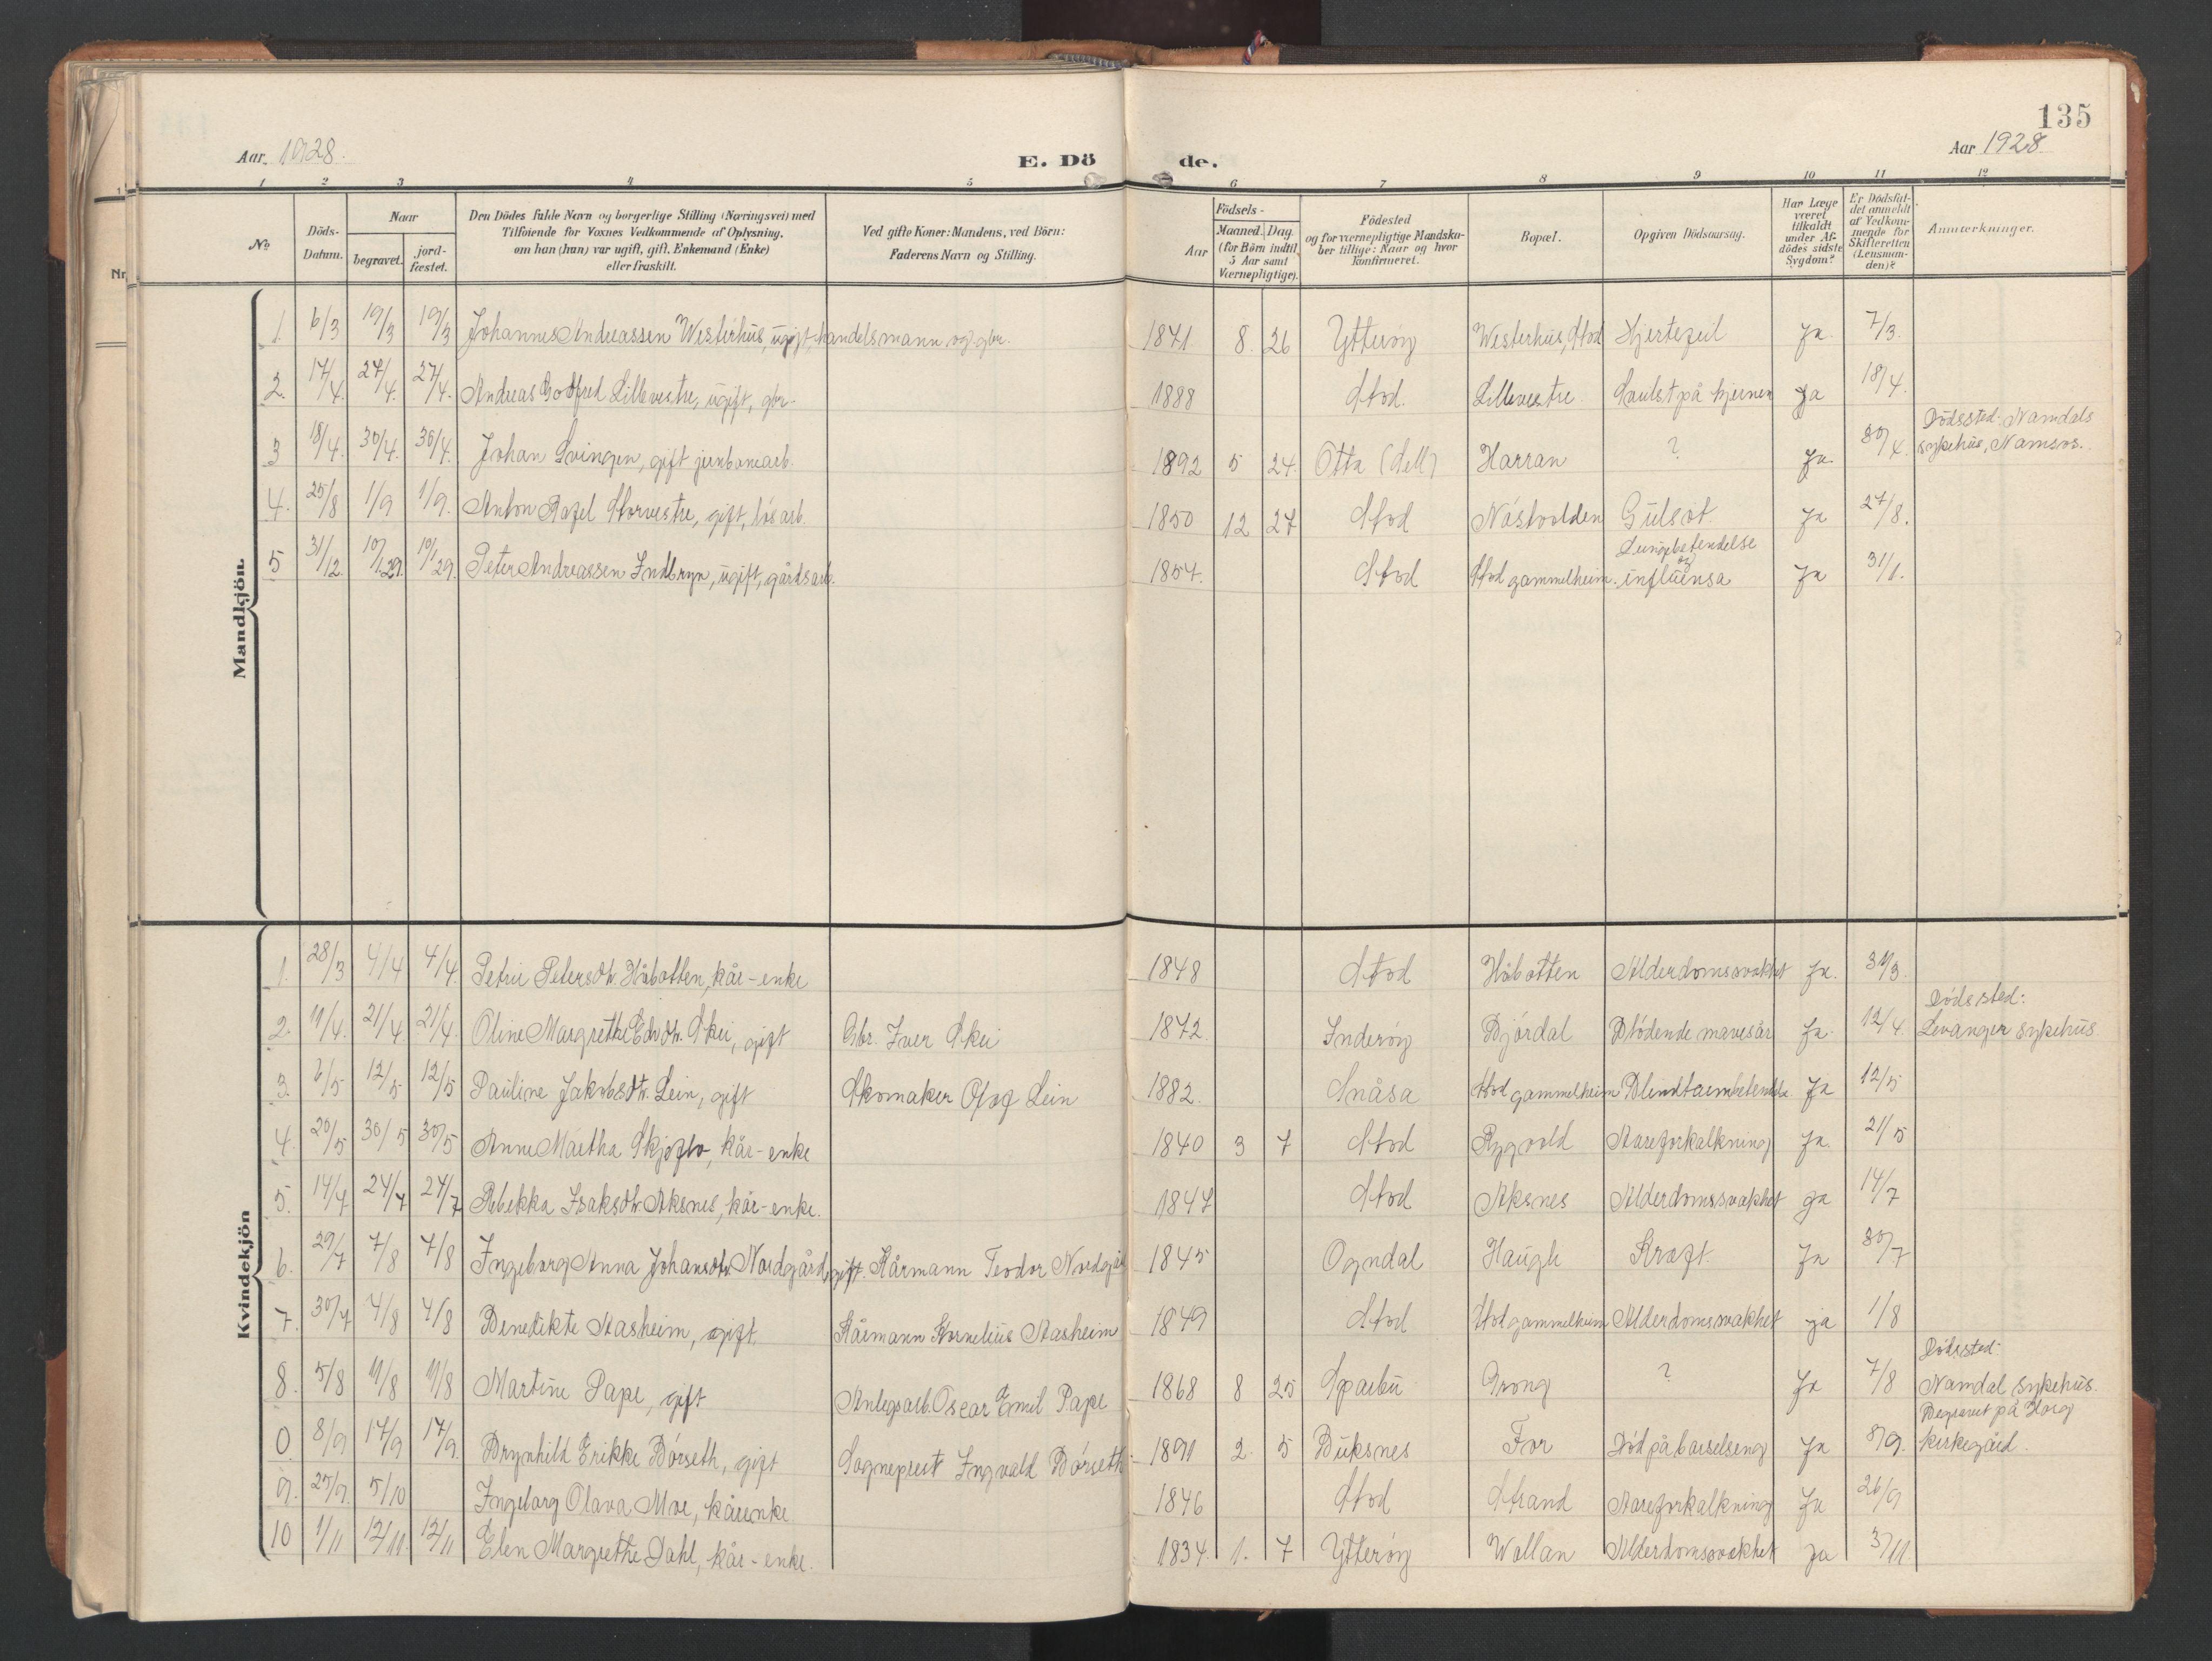 SAT, Ministerialprotokoller, klokkerbøker og fødselsregistre - Nord-Trøndelag, 746/L0455: Klokkerbok nr. 746C01, 1908-1933, s. 135